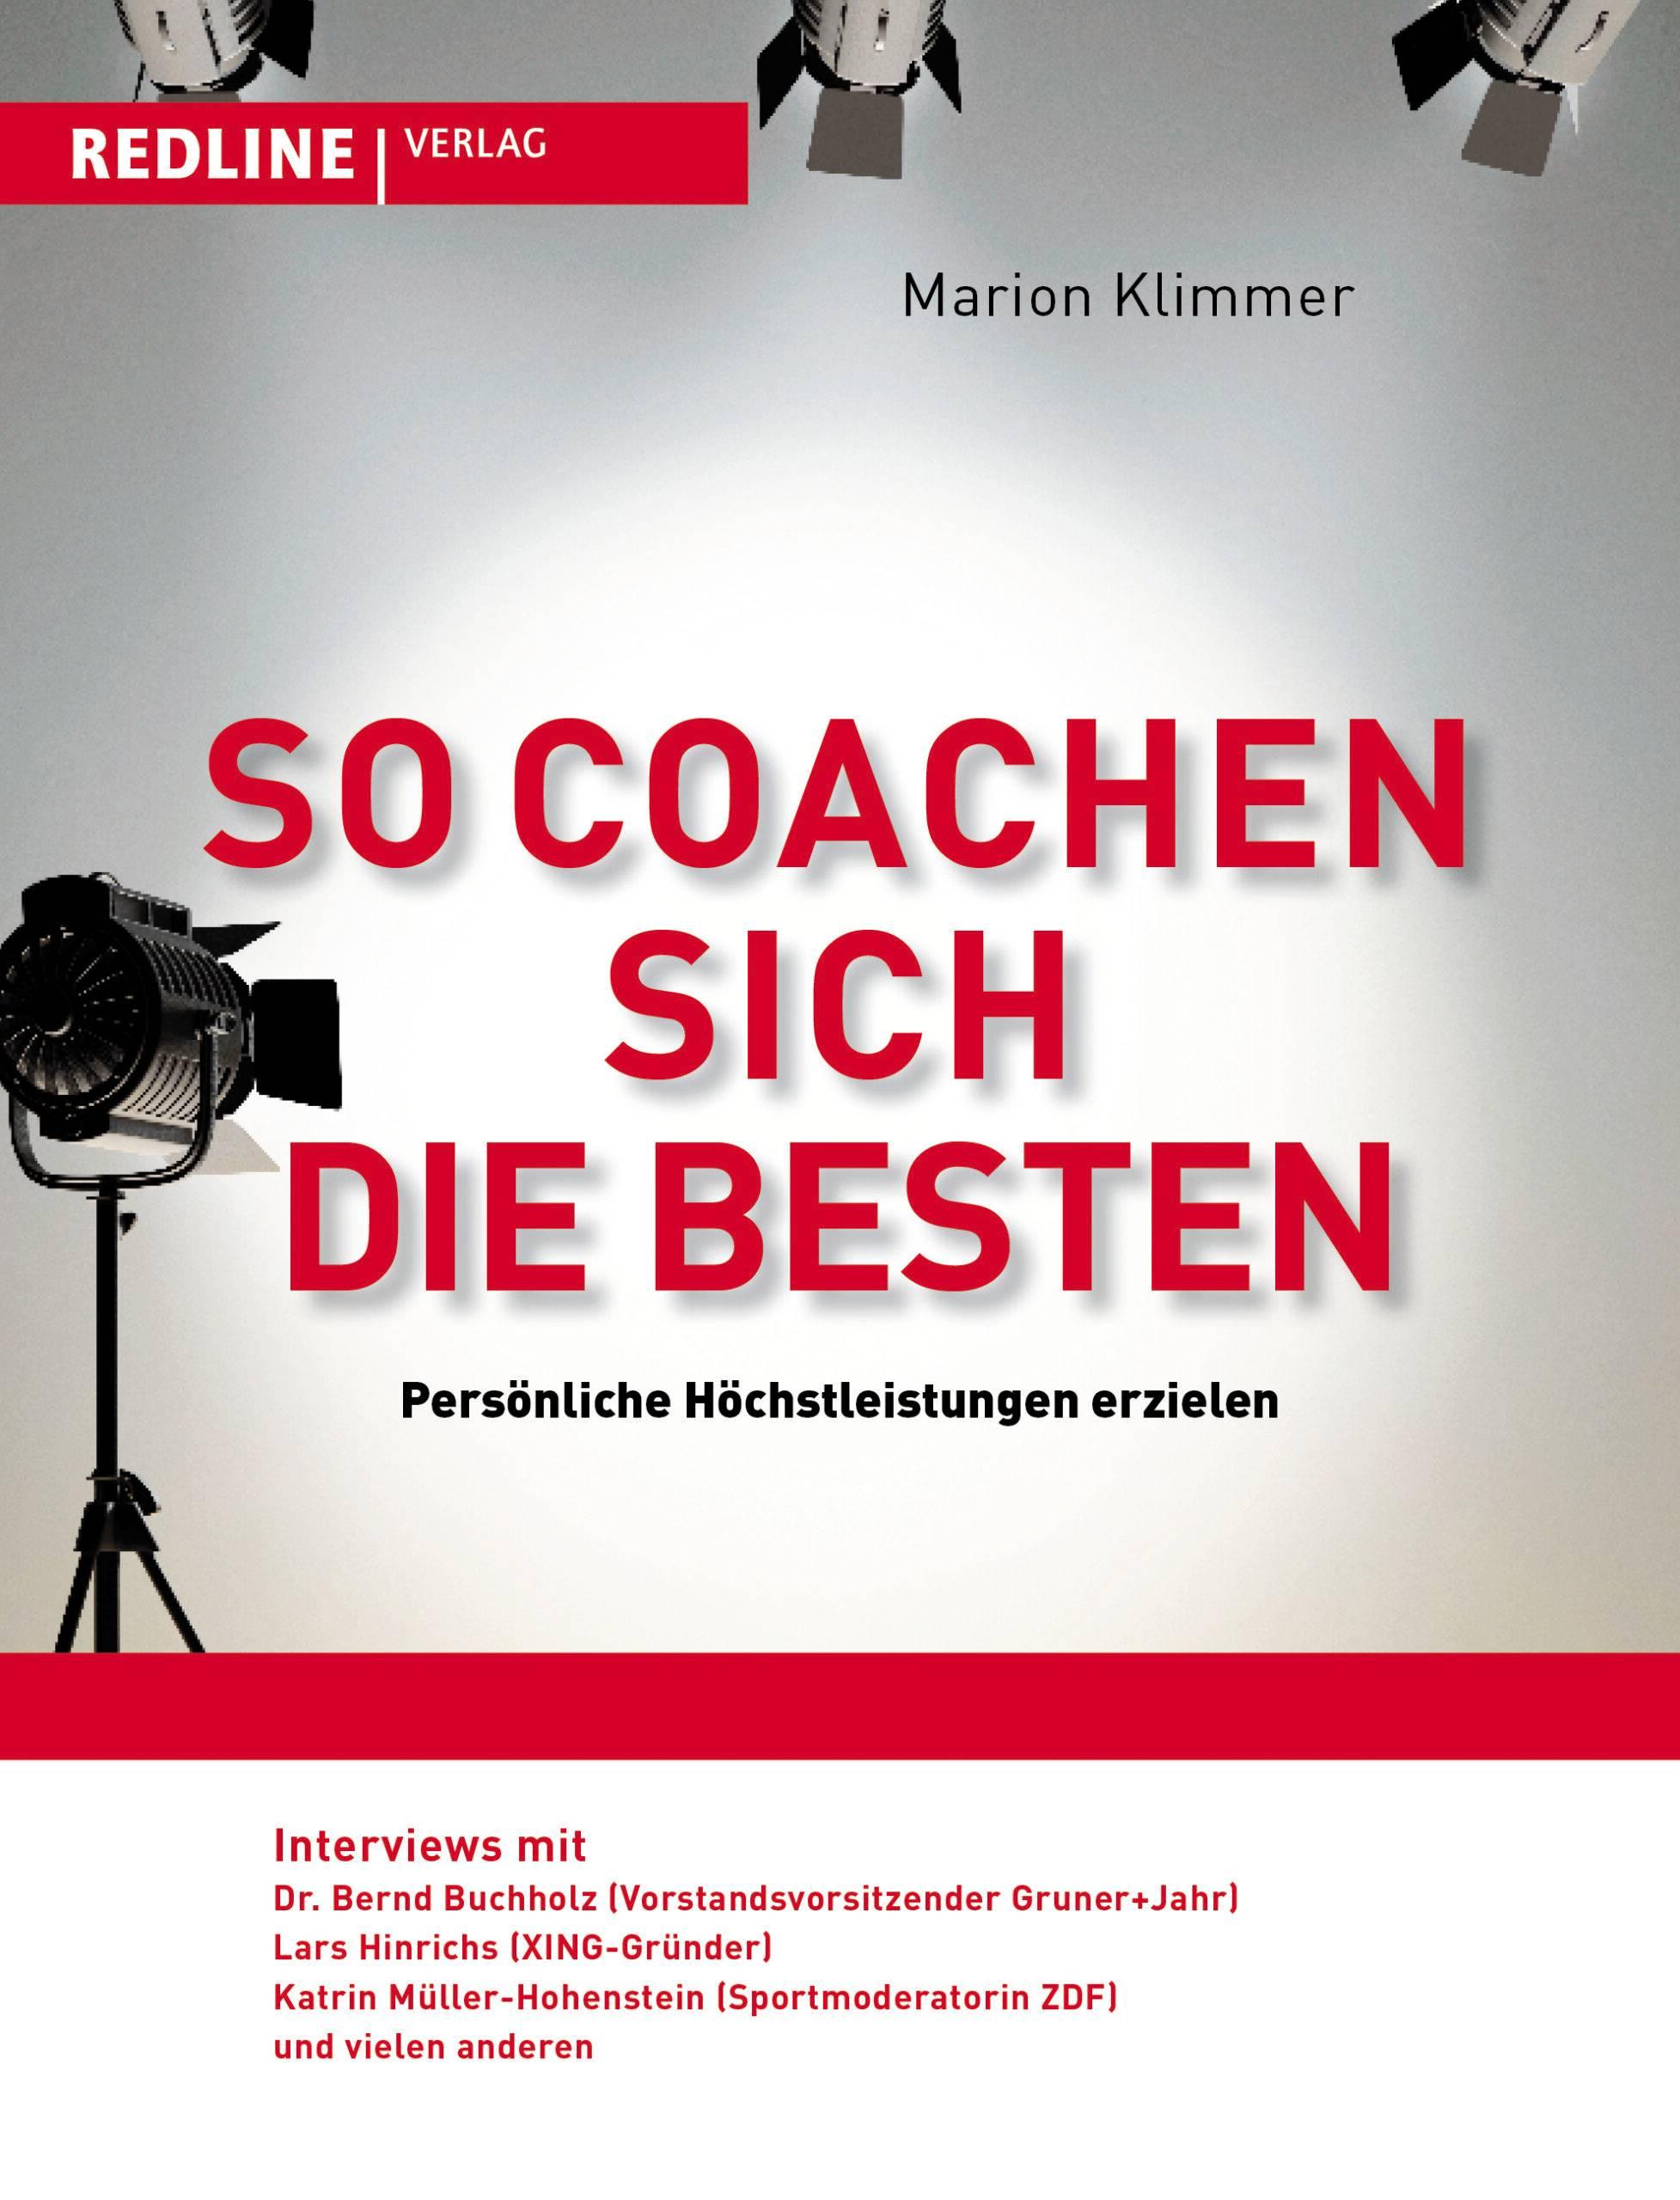 Marion Klimmer Buchrezensionen